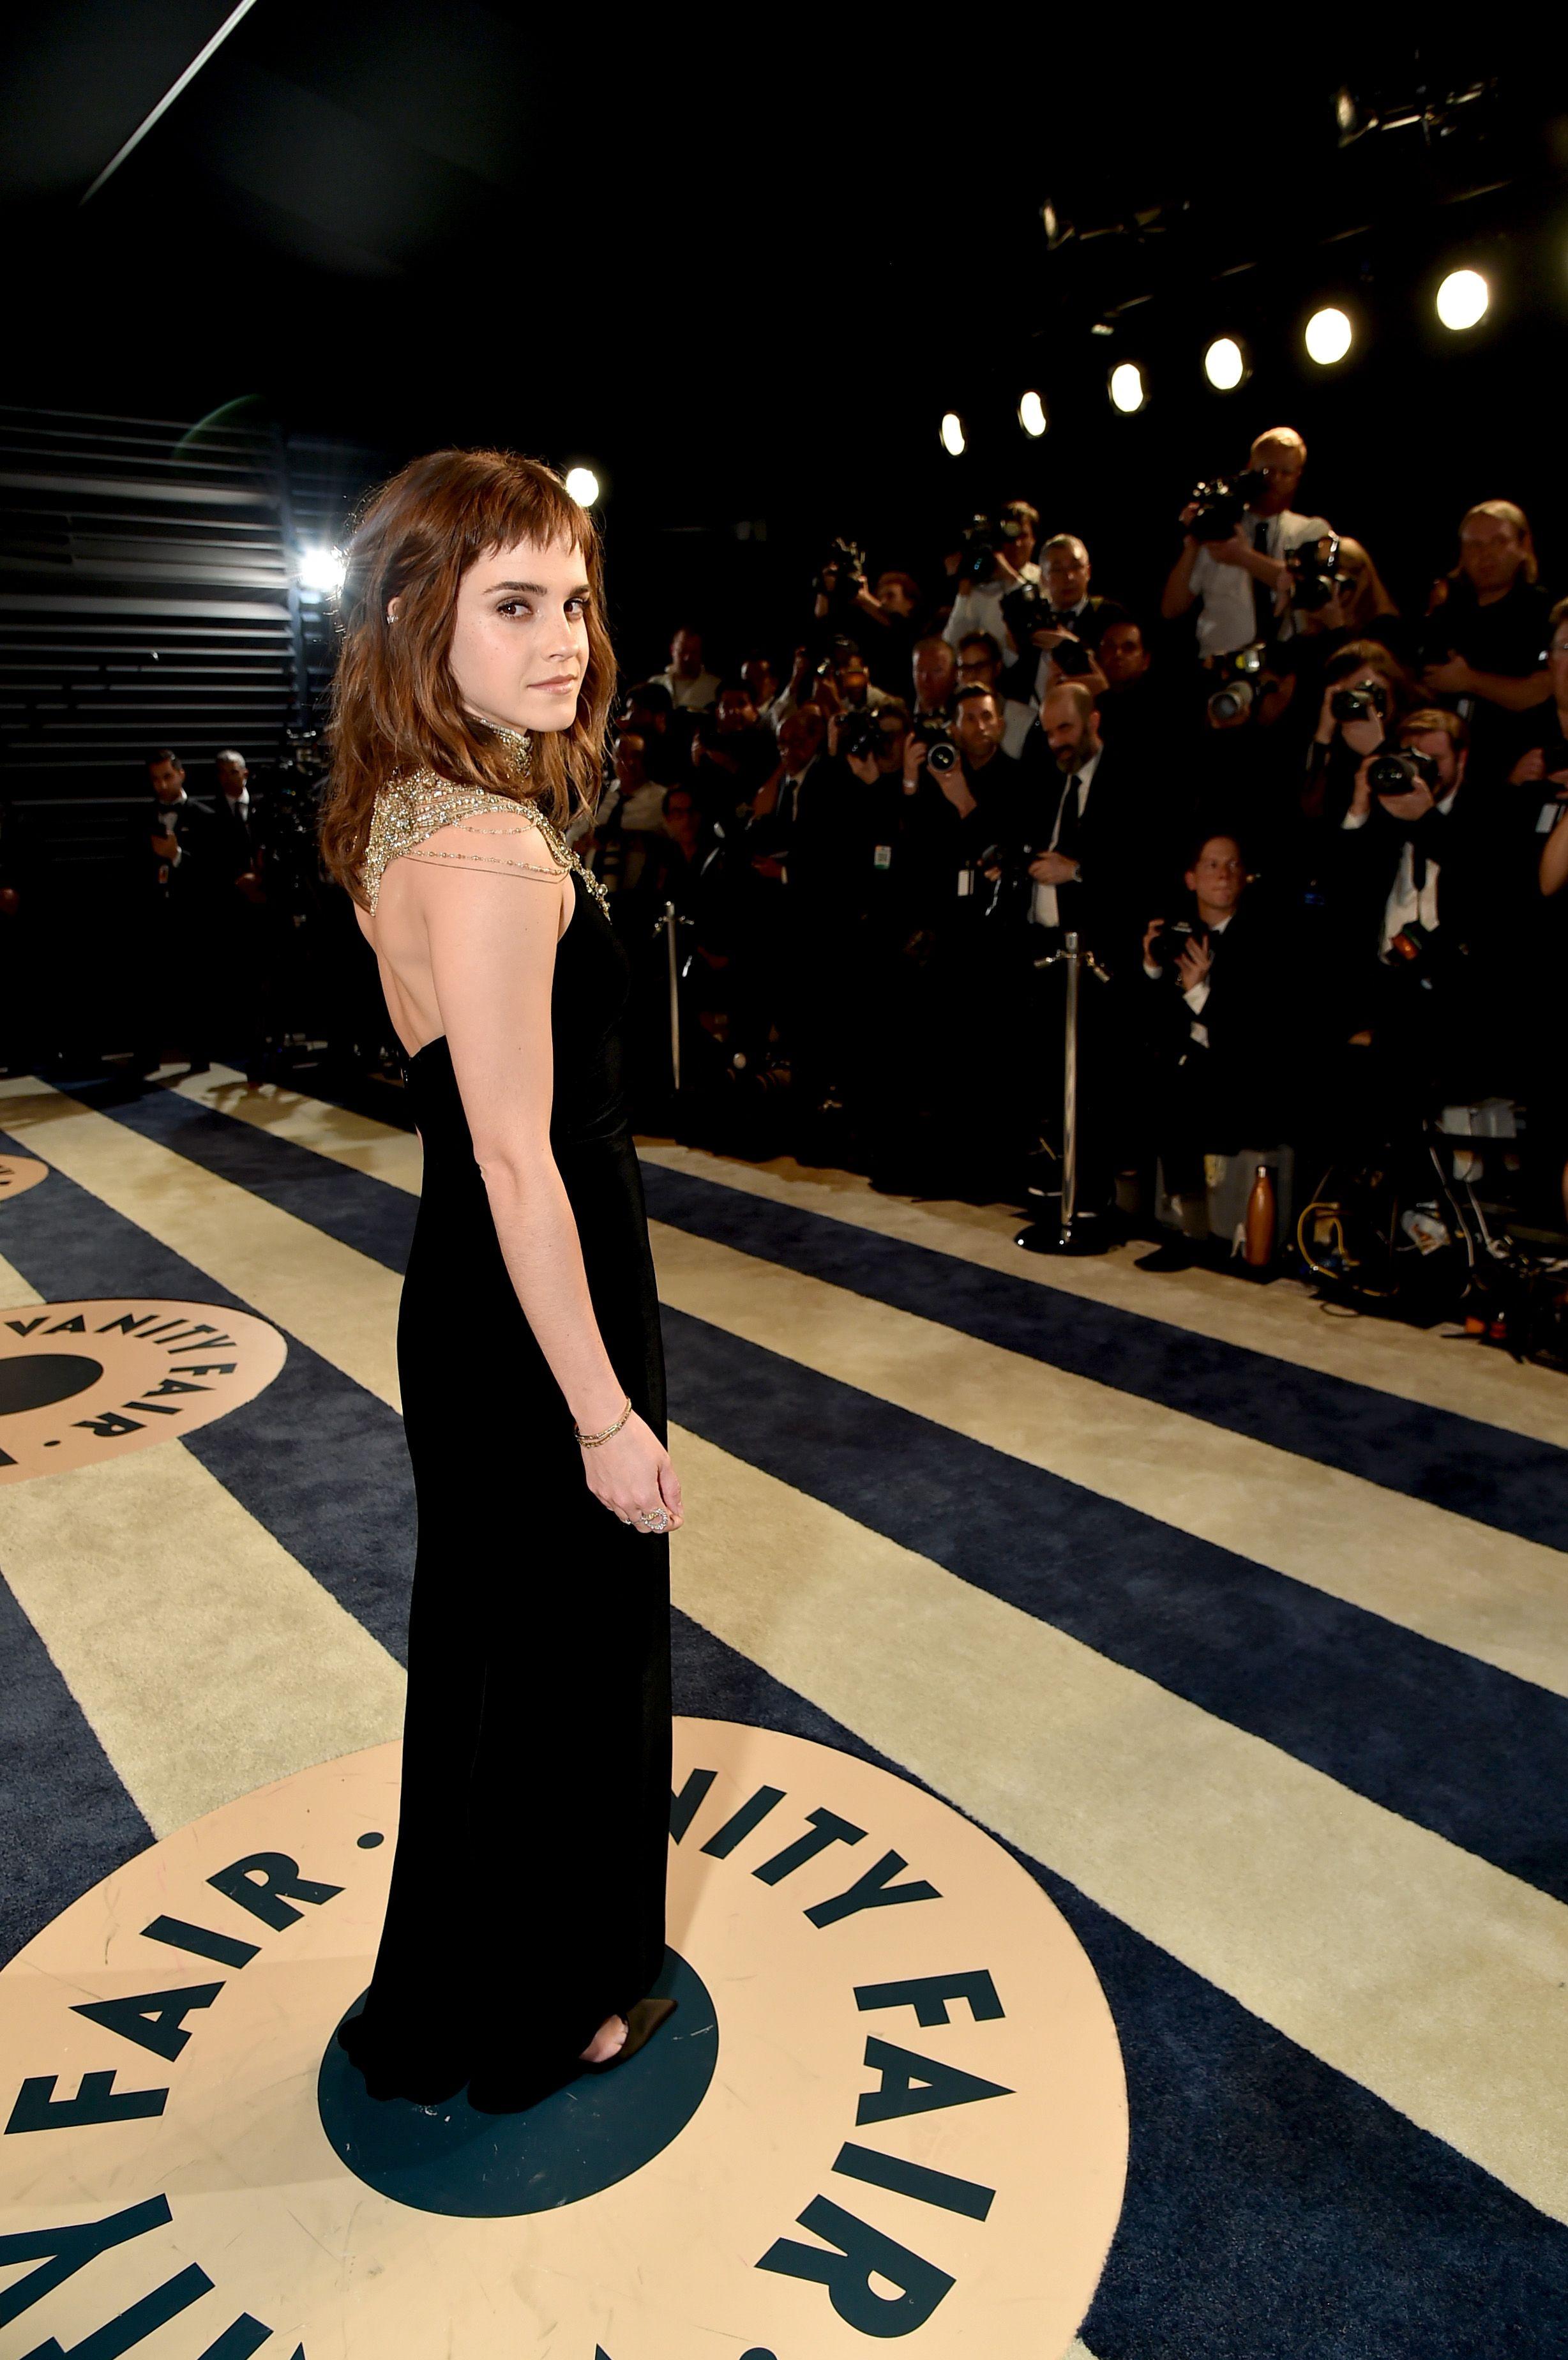 2018 03 04 The 2018 Vanity Fair Oscar Party In